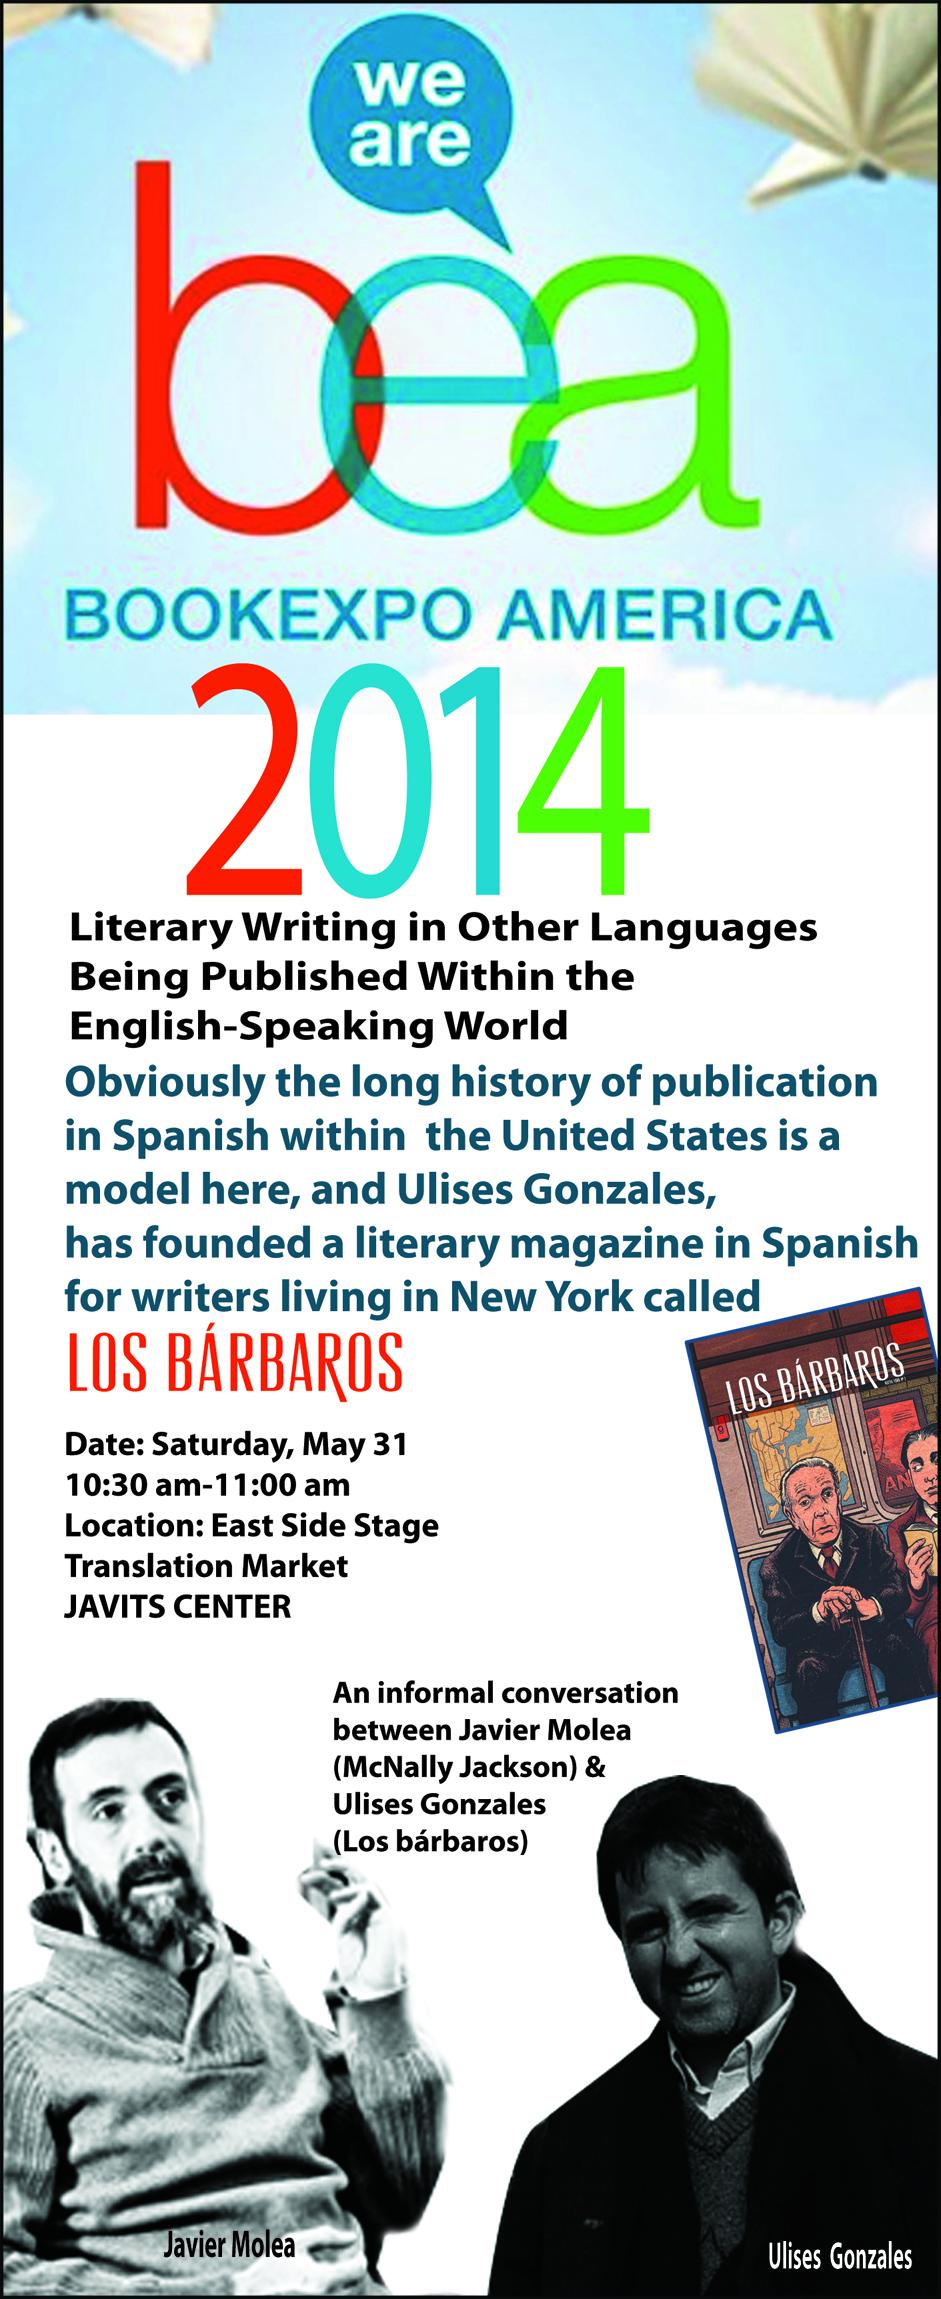 Los bárbaros en Book Expo America (BEA) 2014